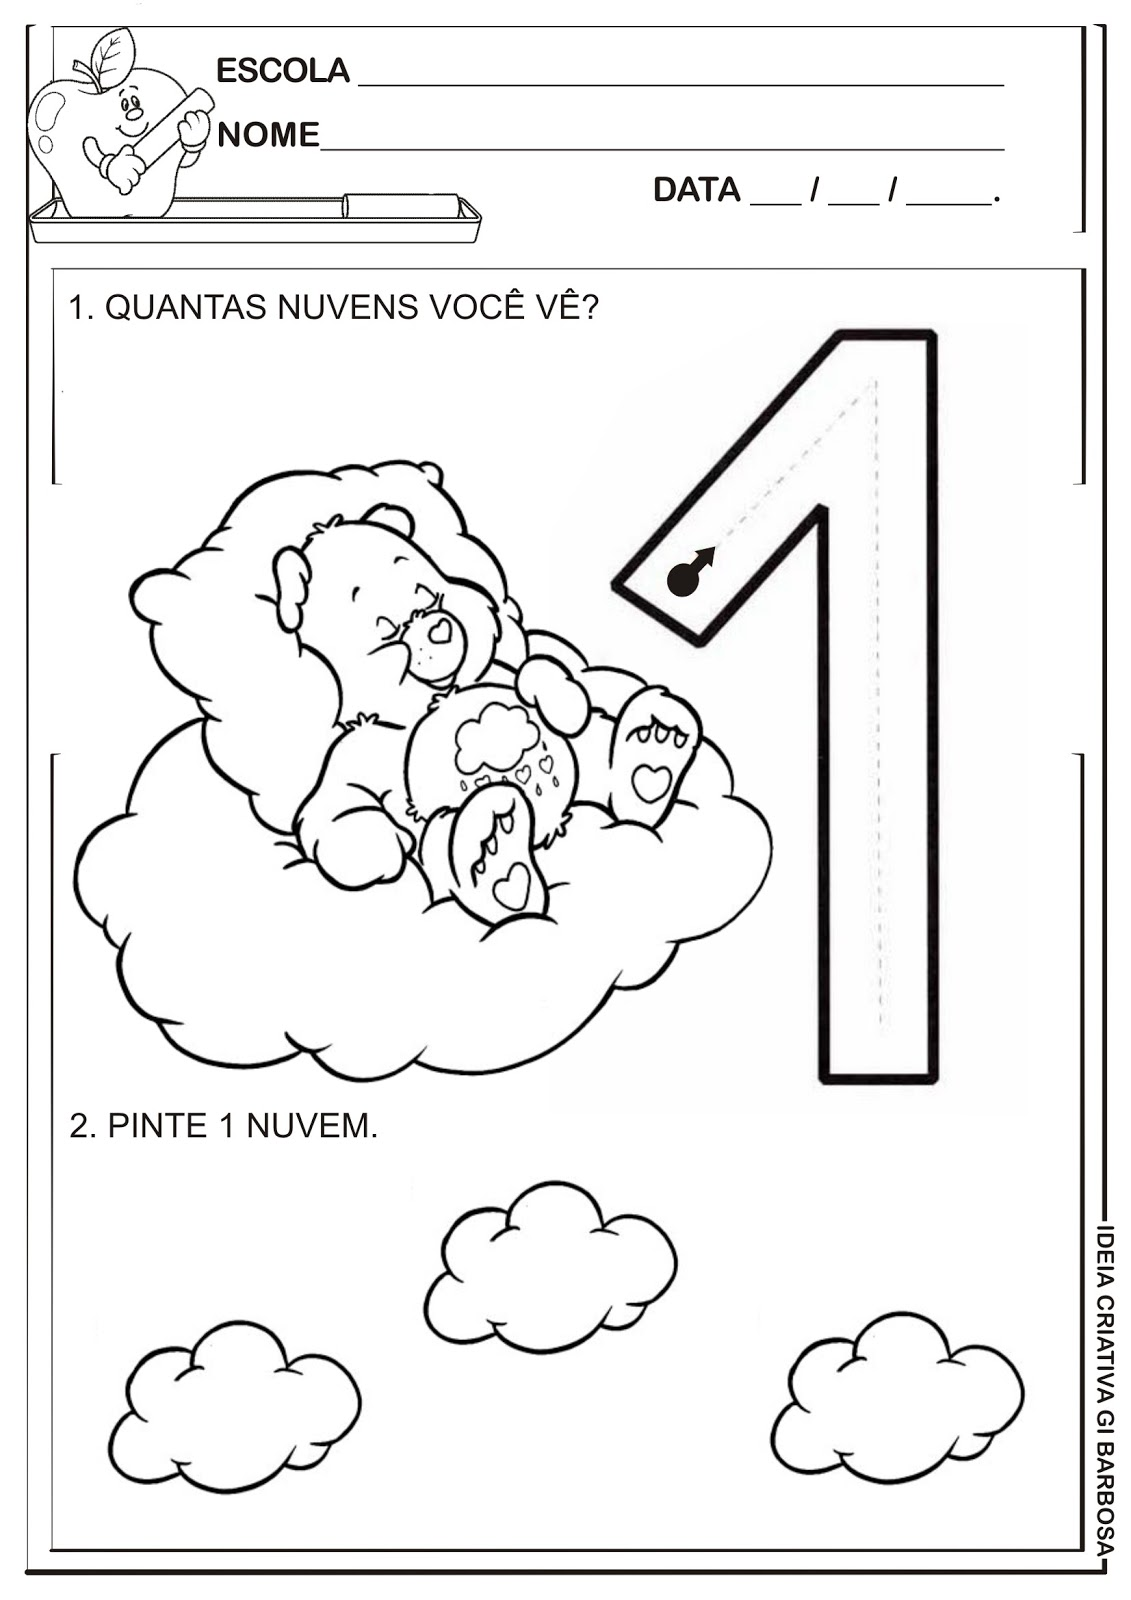 Vamos Contornar O Numeral   O Dedinho E Pintar 1 Nuvem